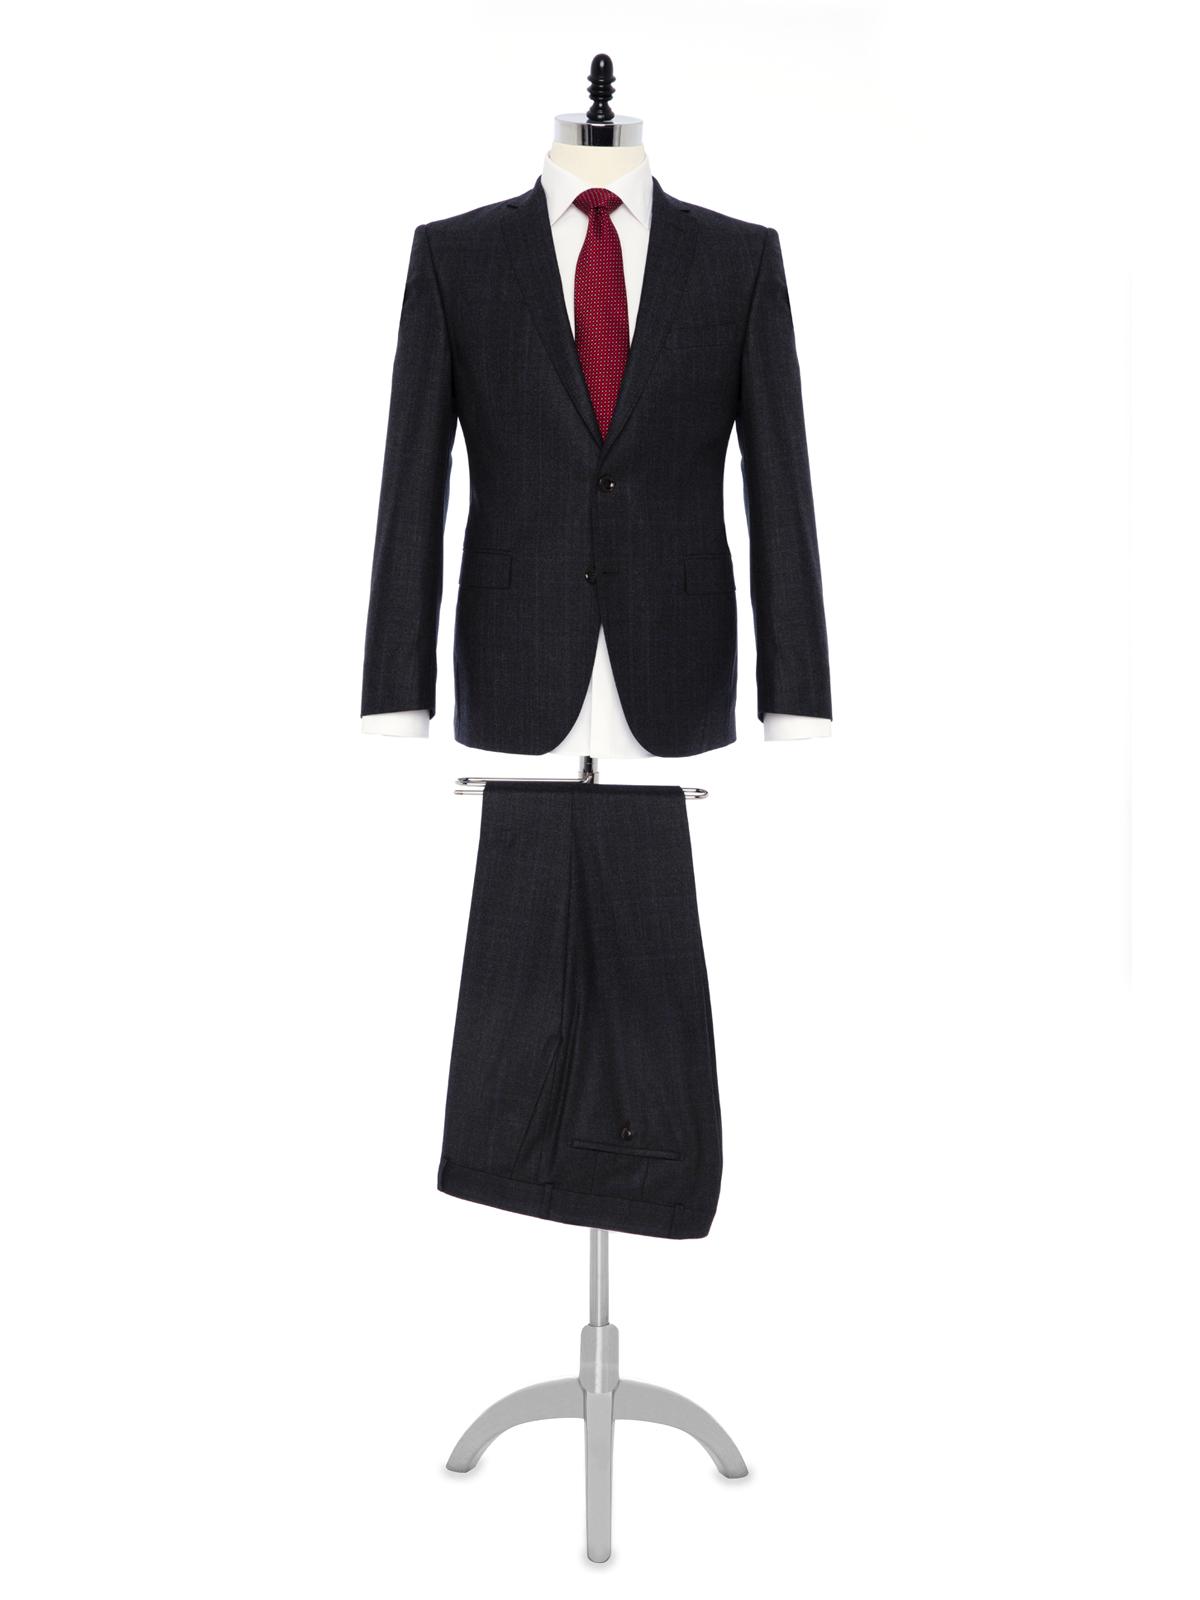 Carl Gross Füme Prince de Galle Yün Takım Elbise Takım Elbise